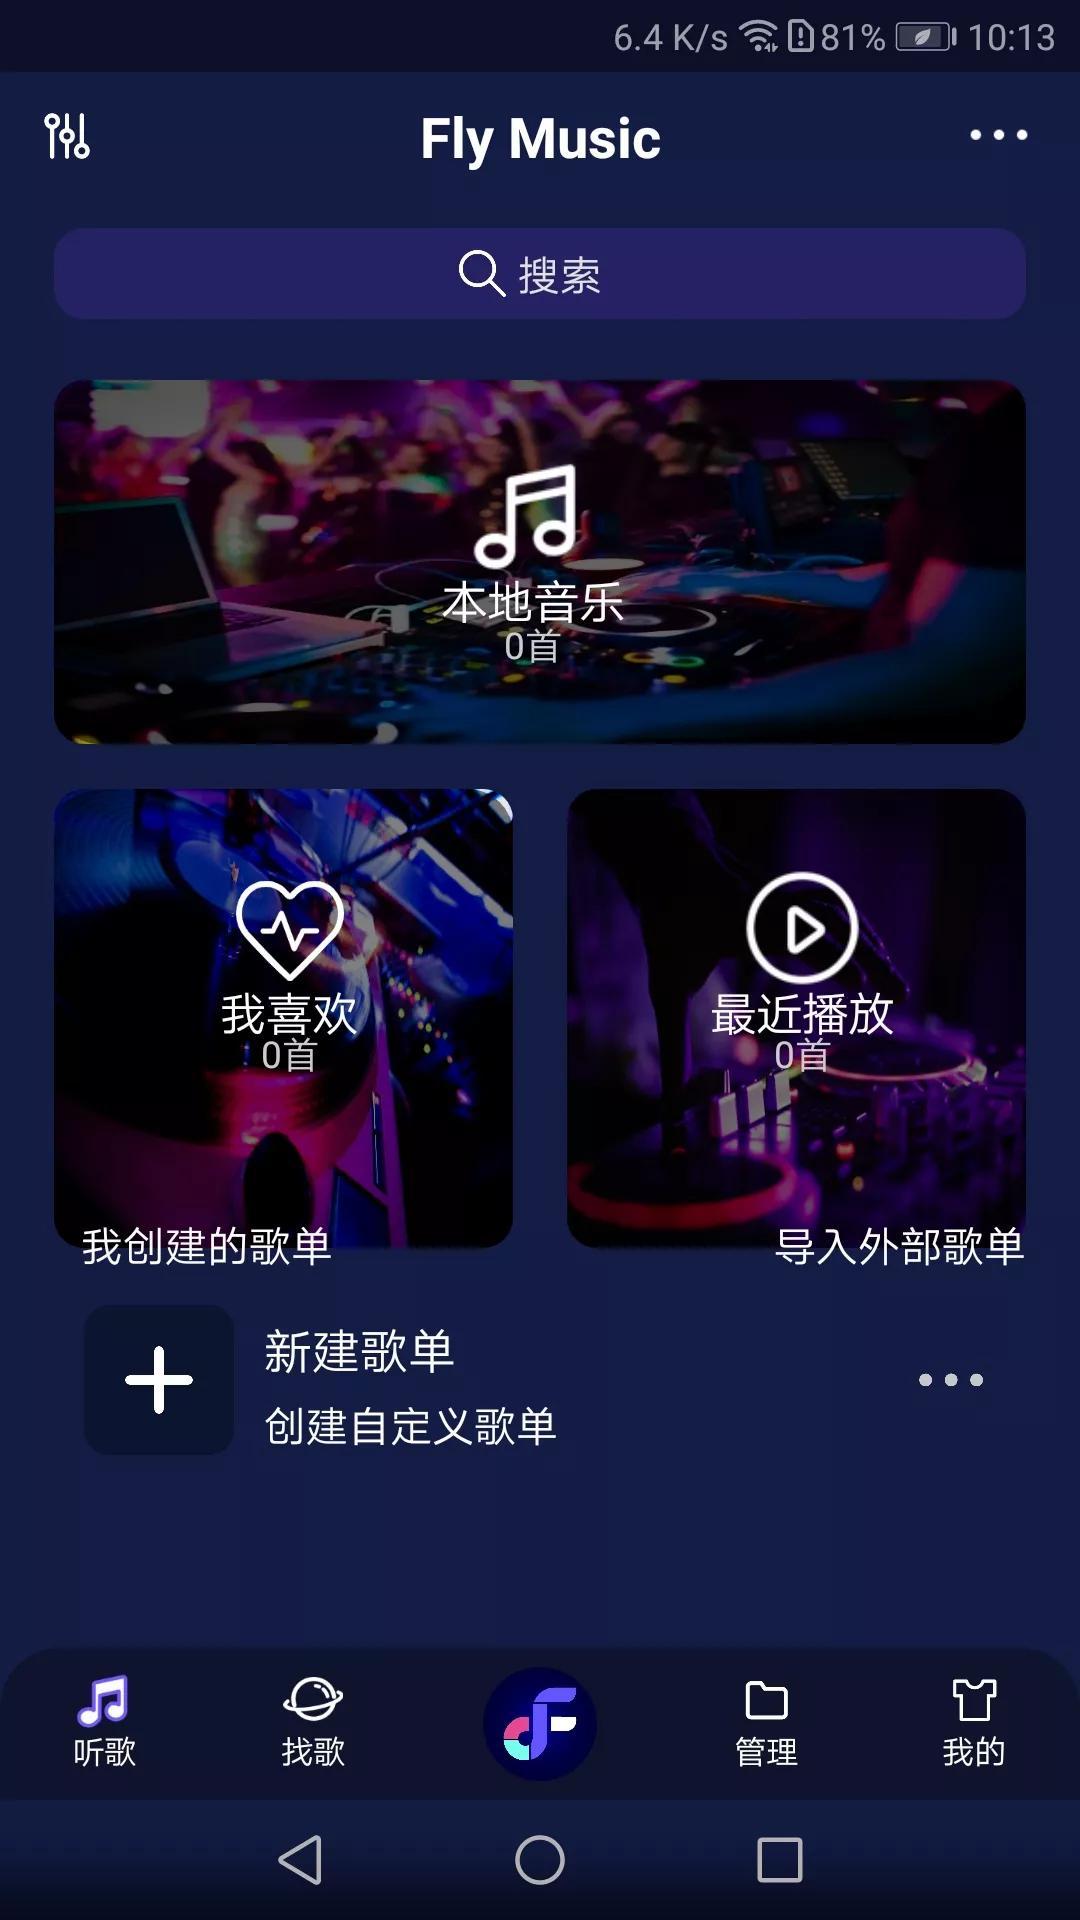 什么音乐播放器听歌免费(排名第一的音乐播放器)插图(4)